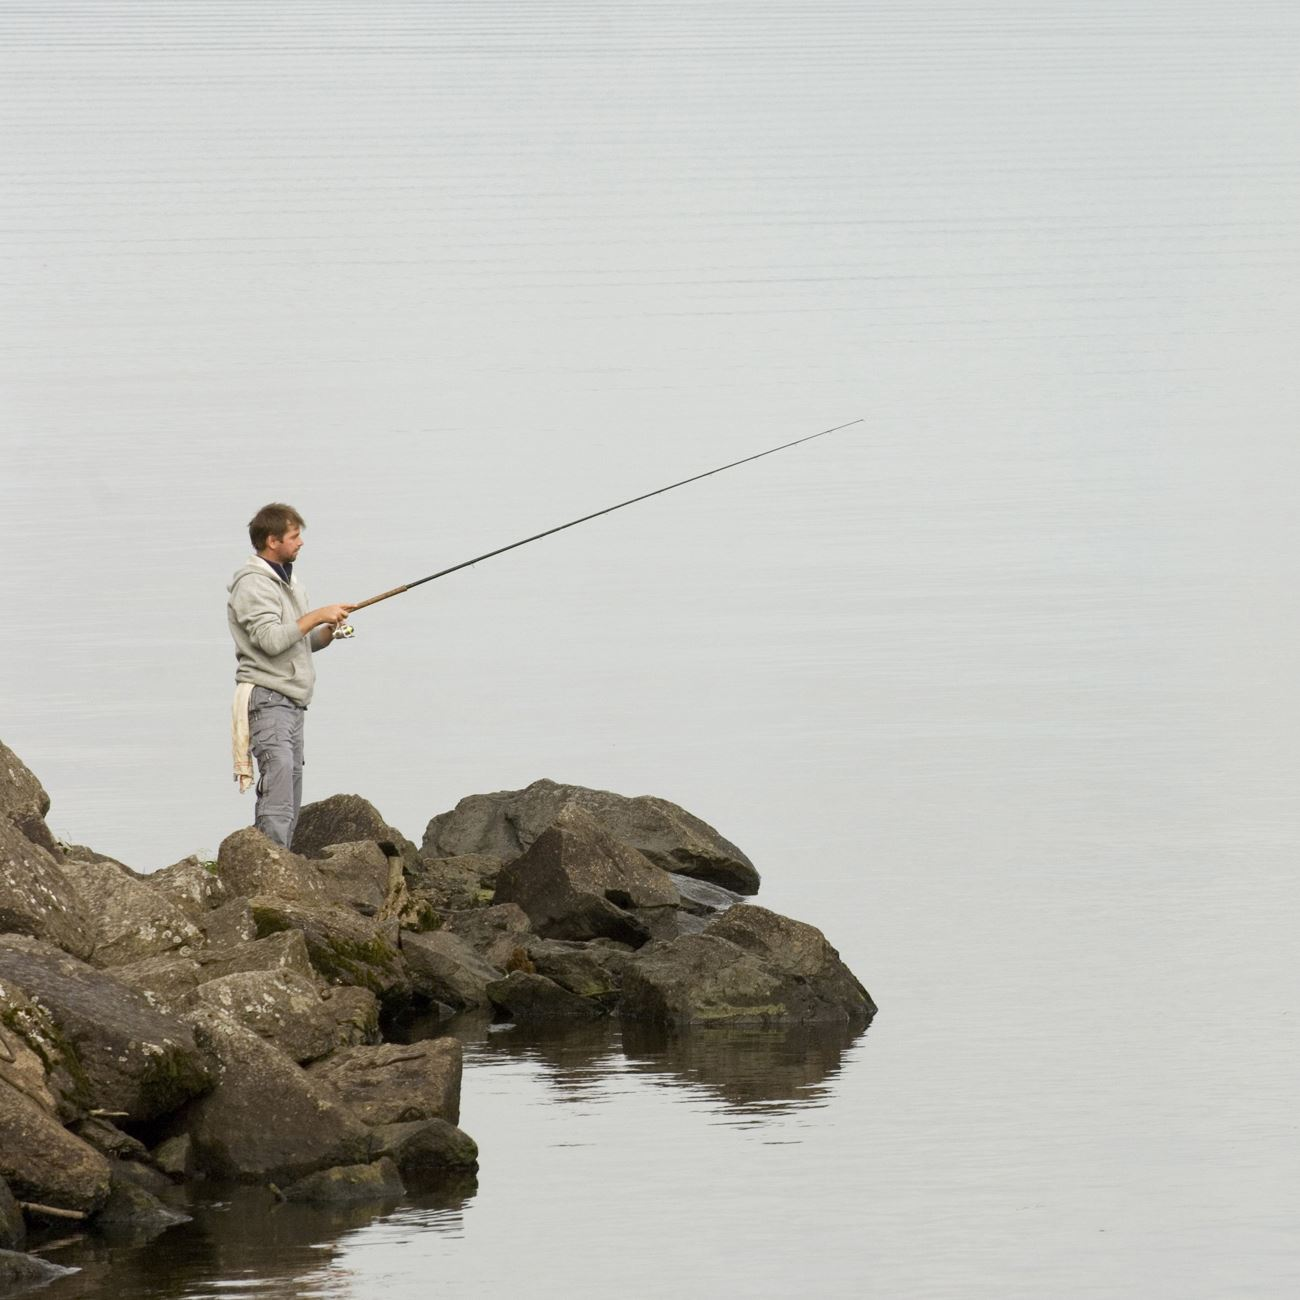 Angeln in den Seen Herrestadssjön und Nästasjön